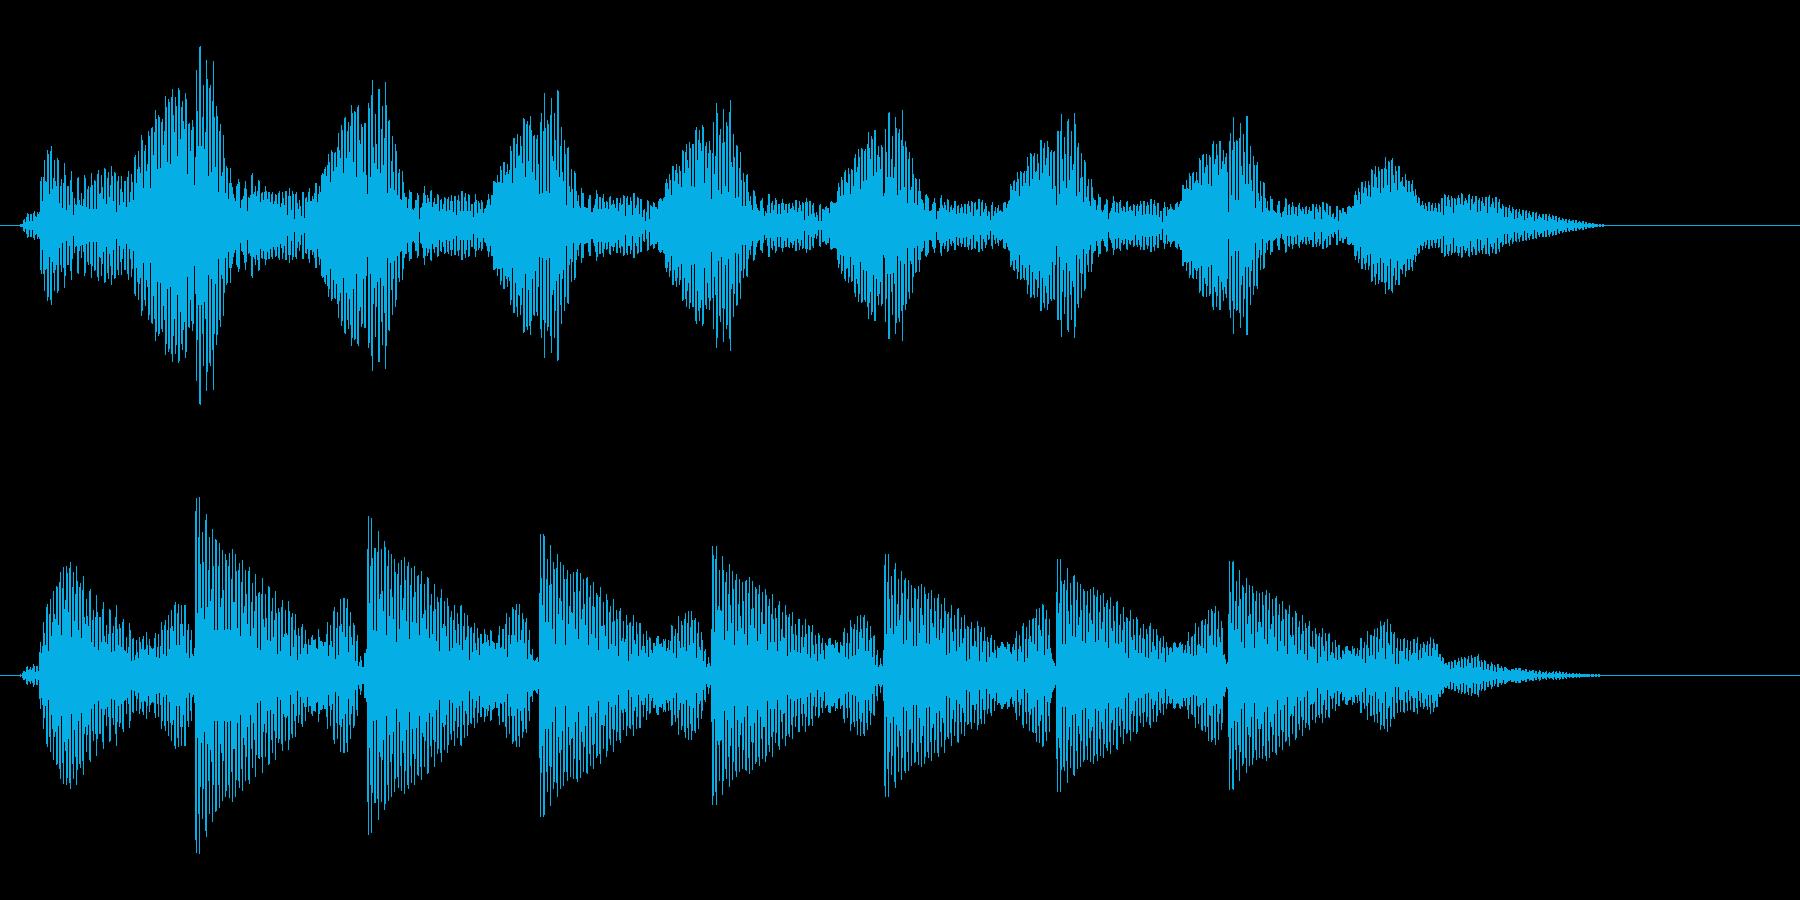 タタタタタタという文字の打ち込み音の再生済みの波形